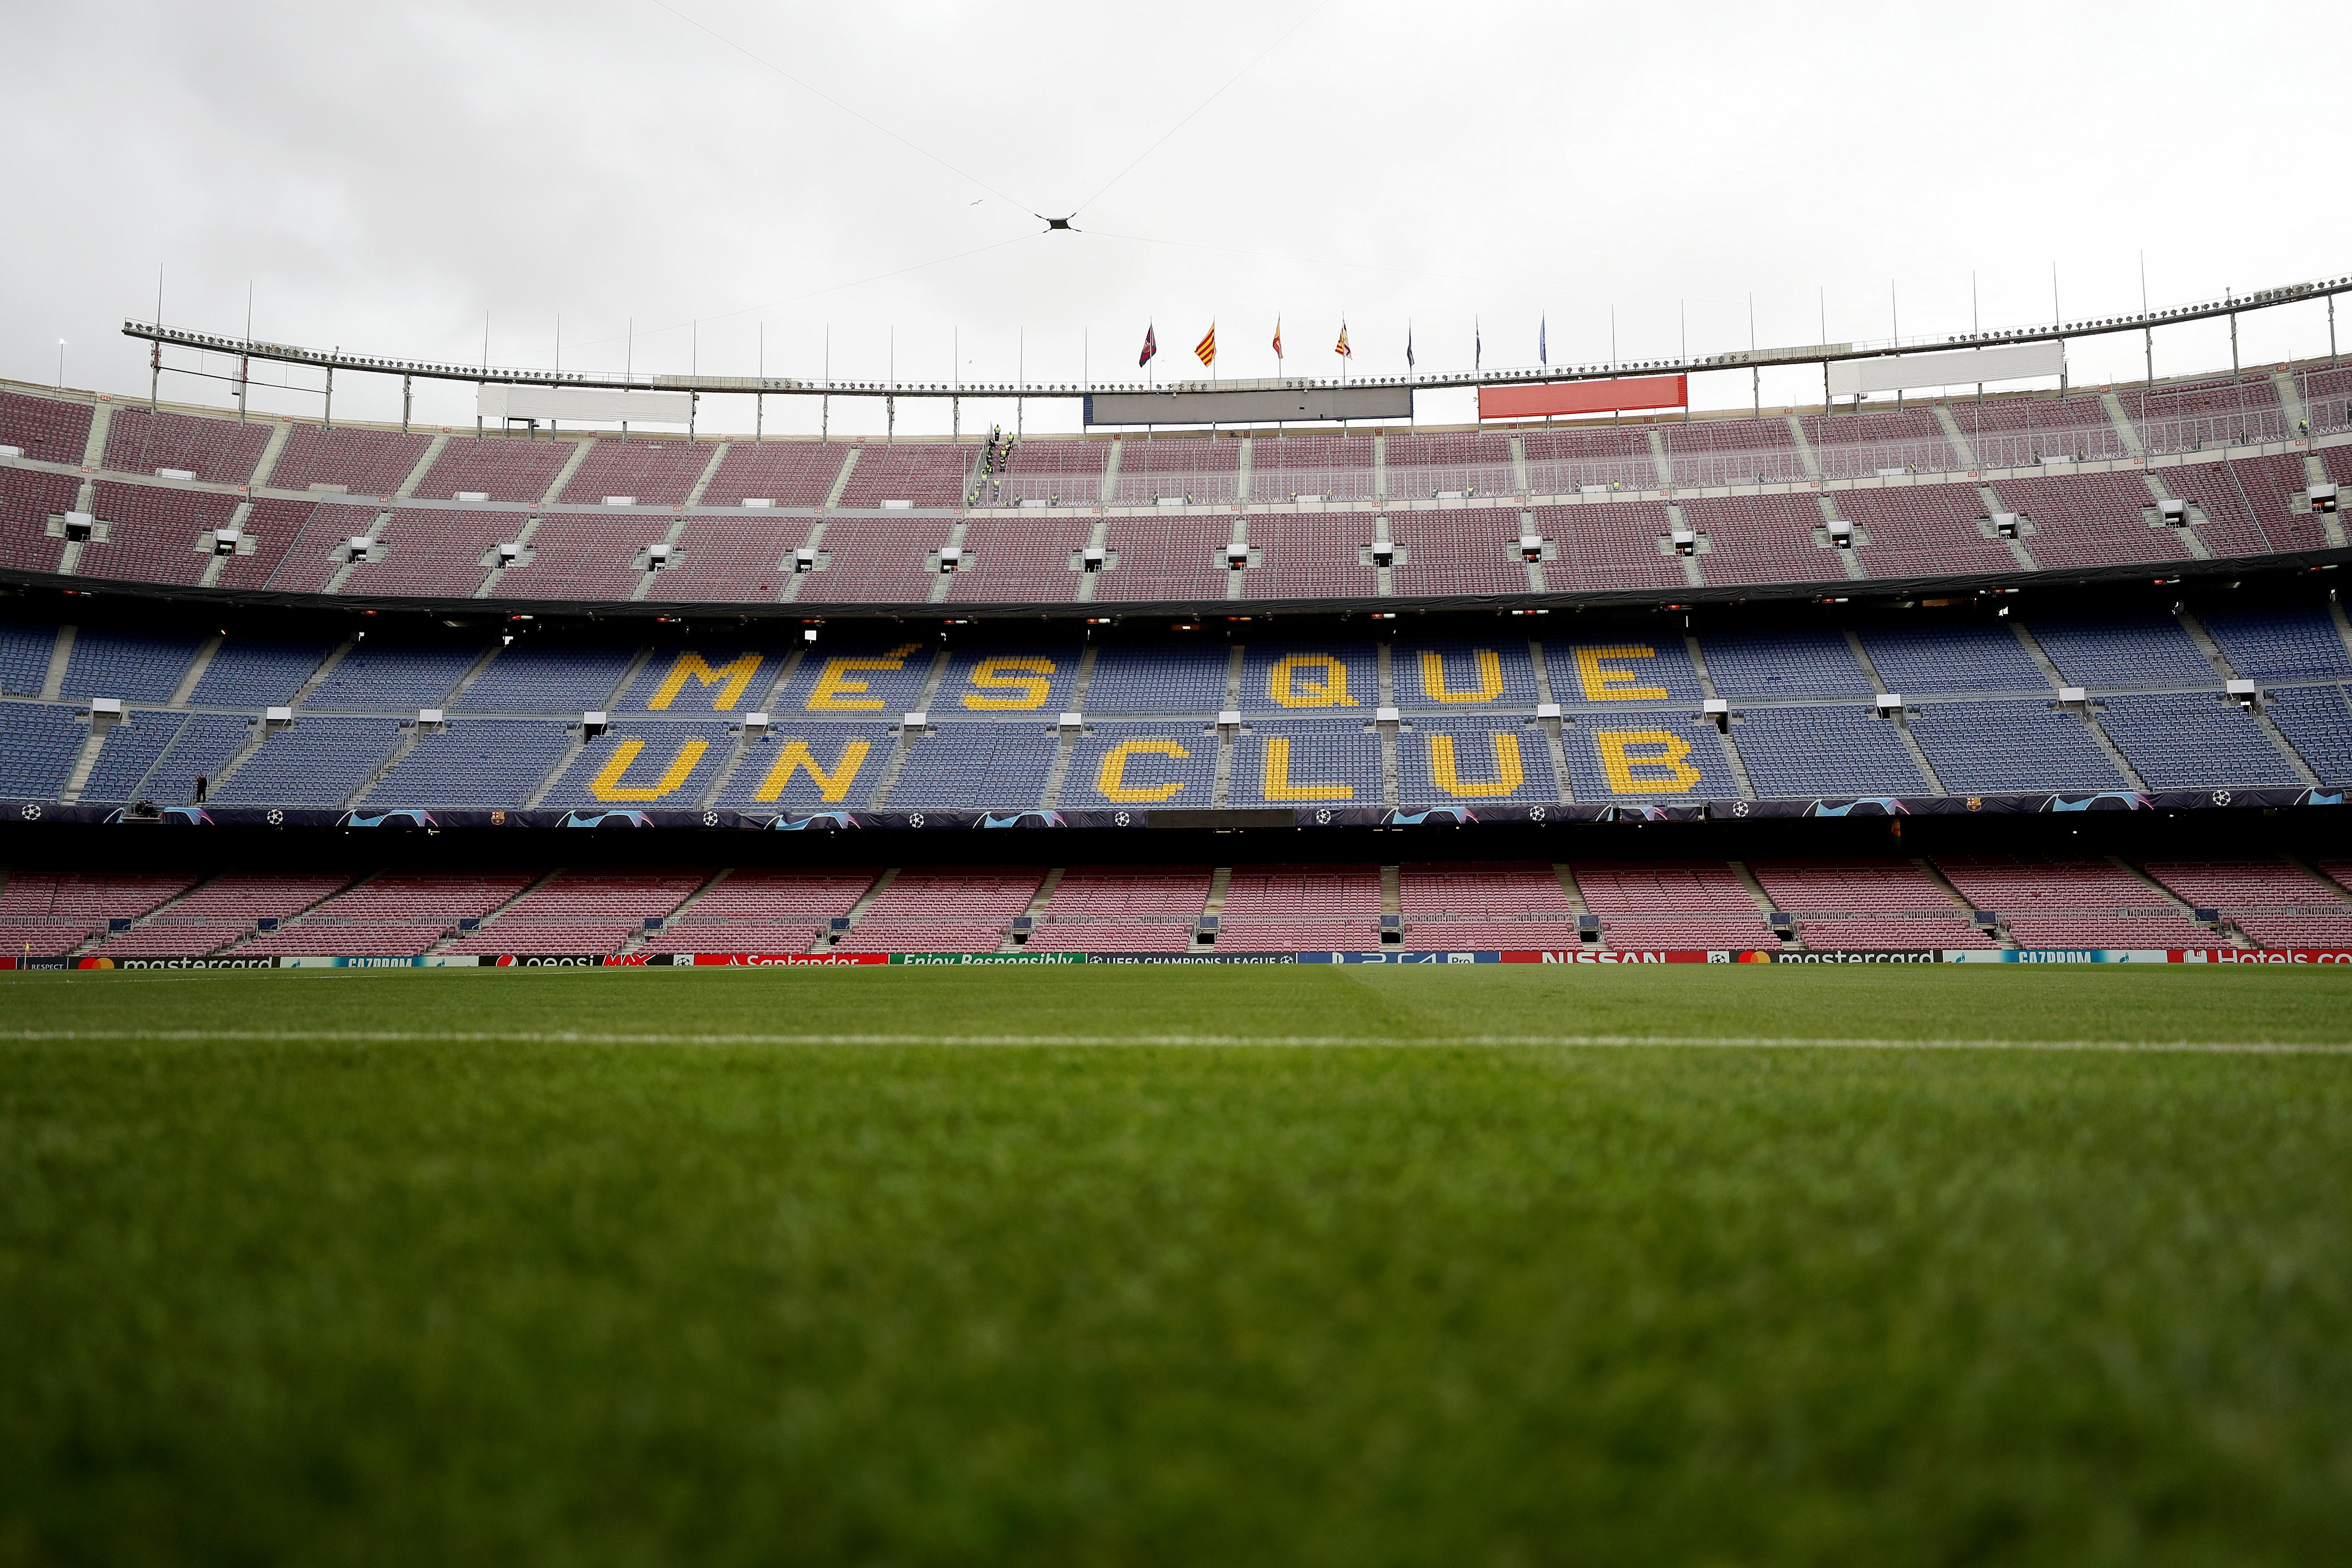 d7514faf732 Visca El Barça Subscri Lionel Messis - Querciacb